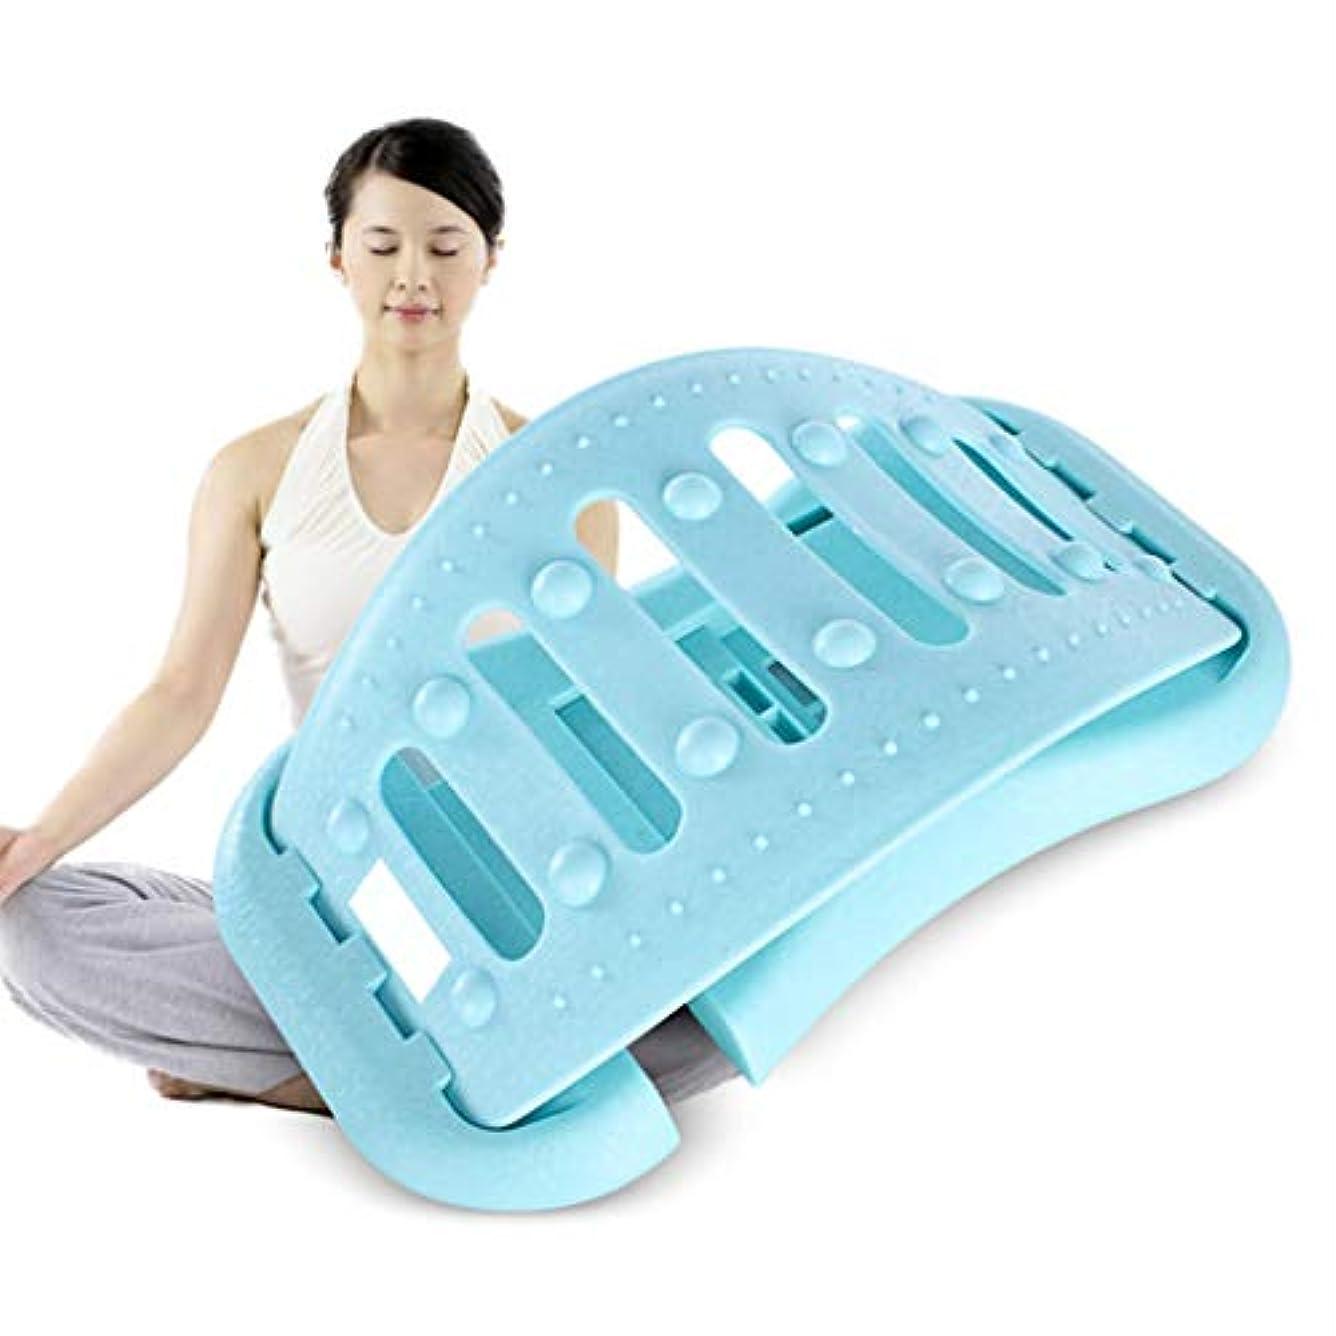 特異性シンジケートかまど多機能バックマッサージャーストレッチャーの磁石アーチマジックランバーネックサポートデバイス脊椎リラクゼーションカイロプラクティック痛み緩和